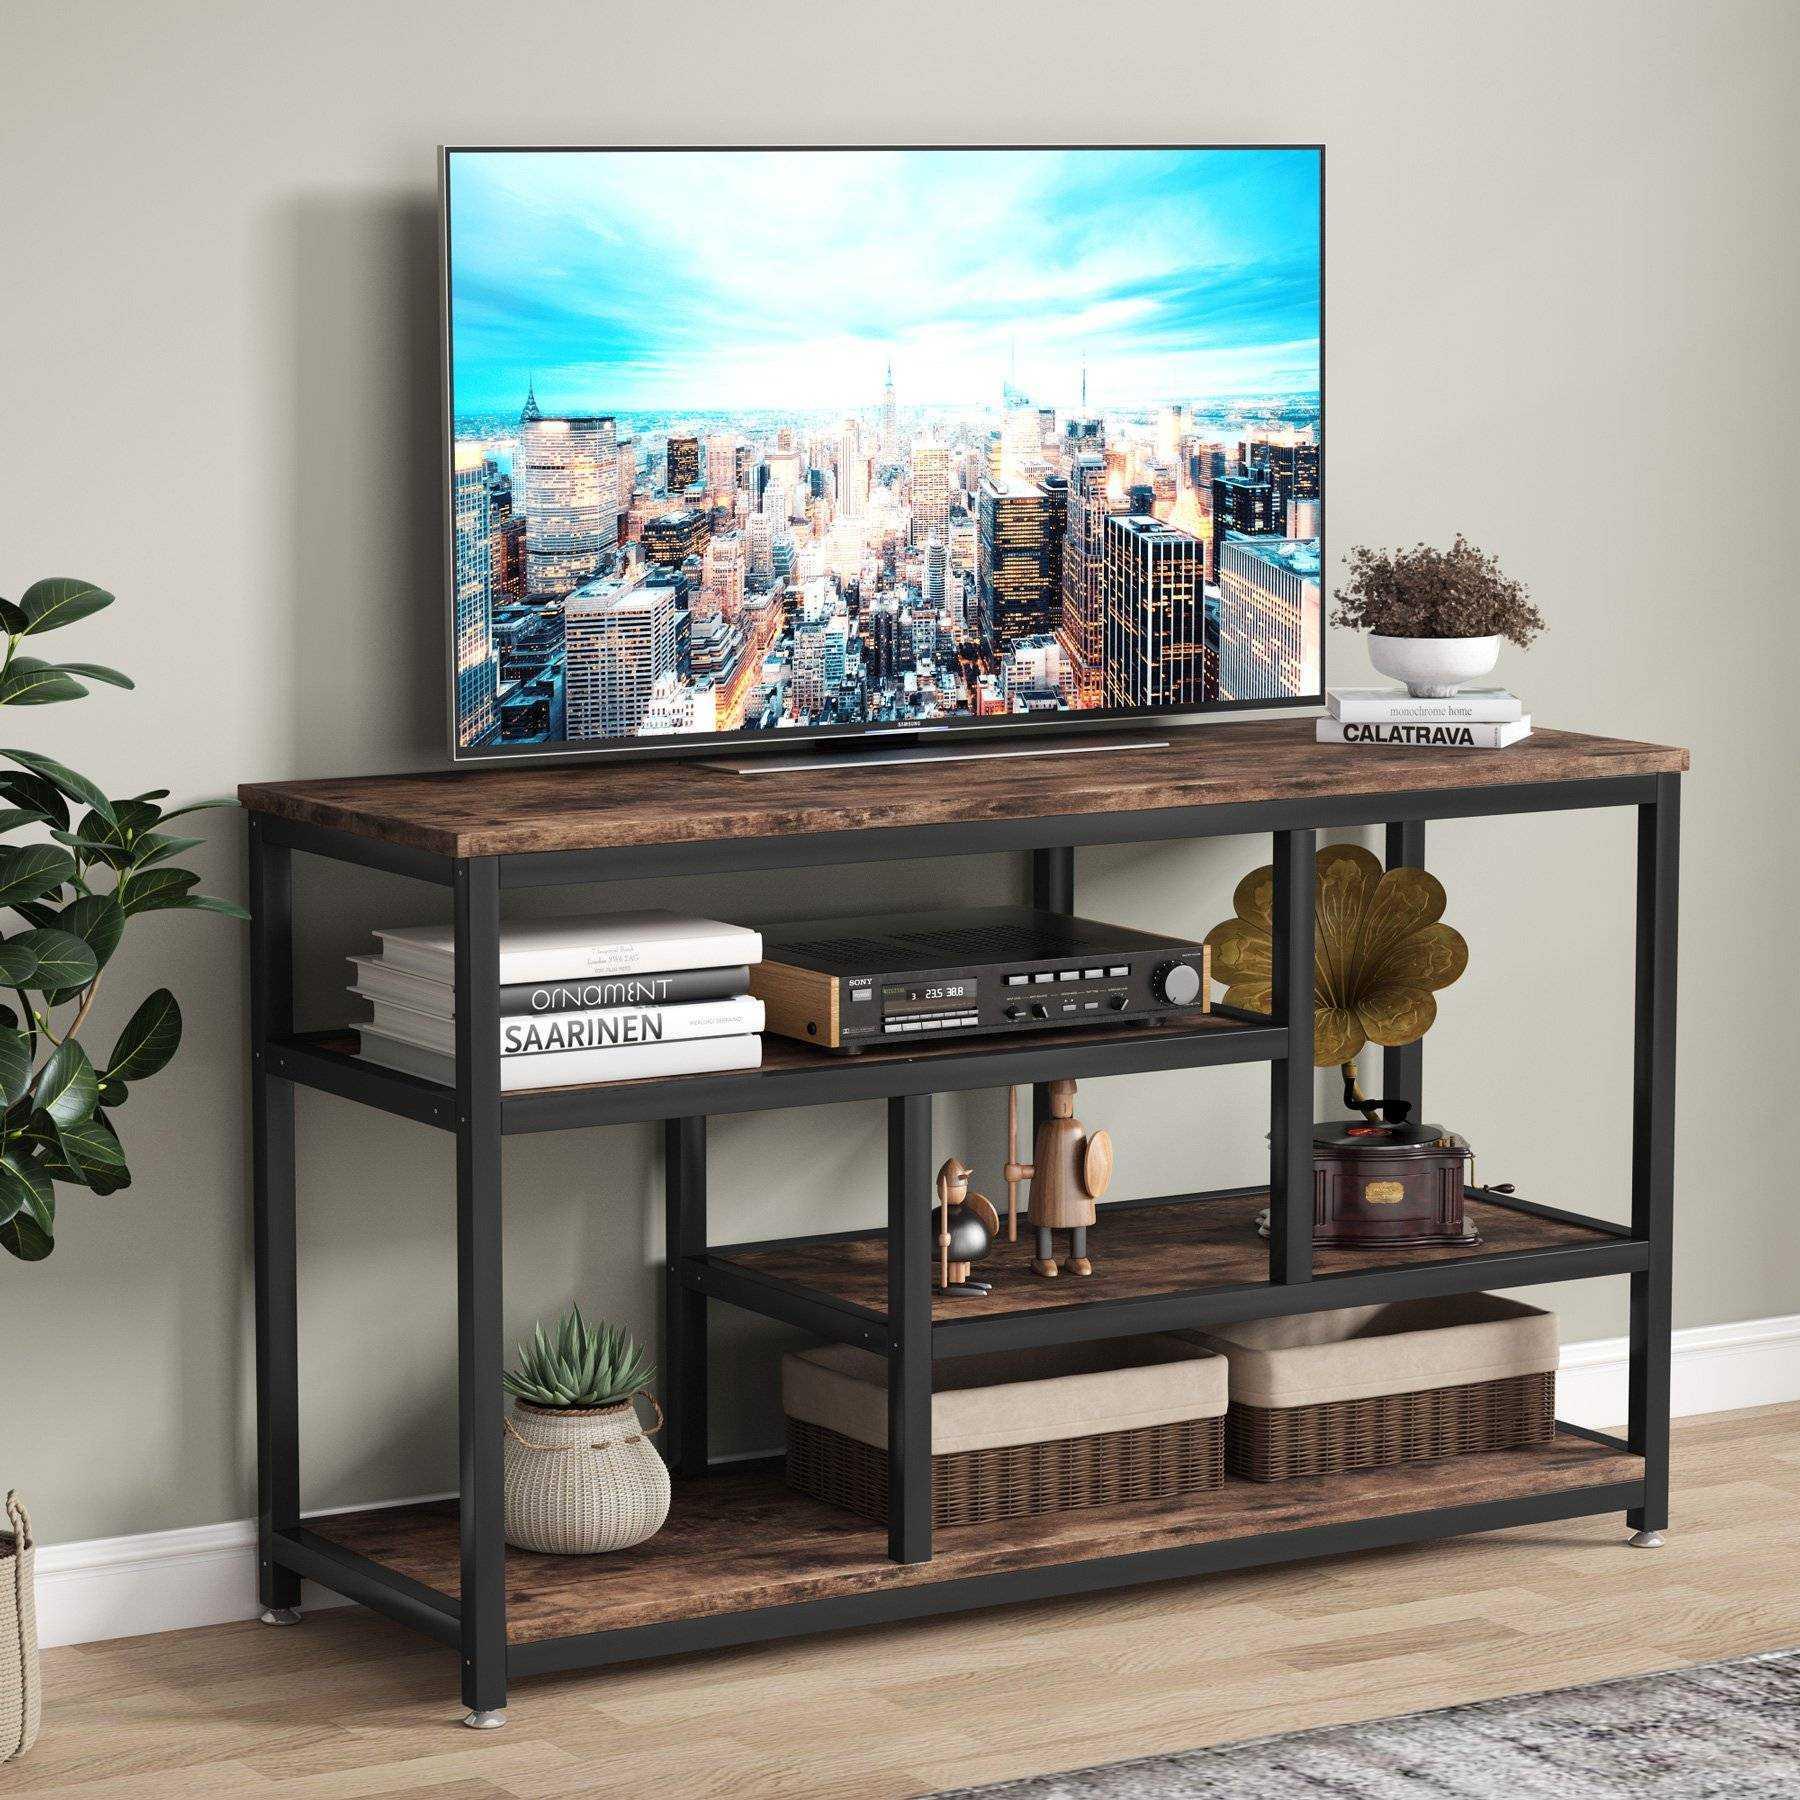 Zizuva Ceviz Raflı Tasarım Tv Sehpası